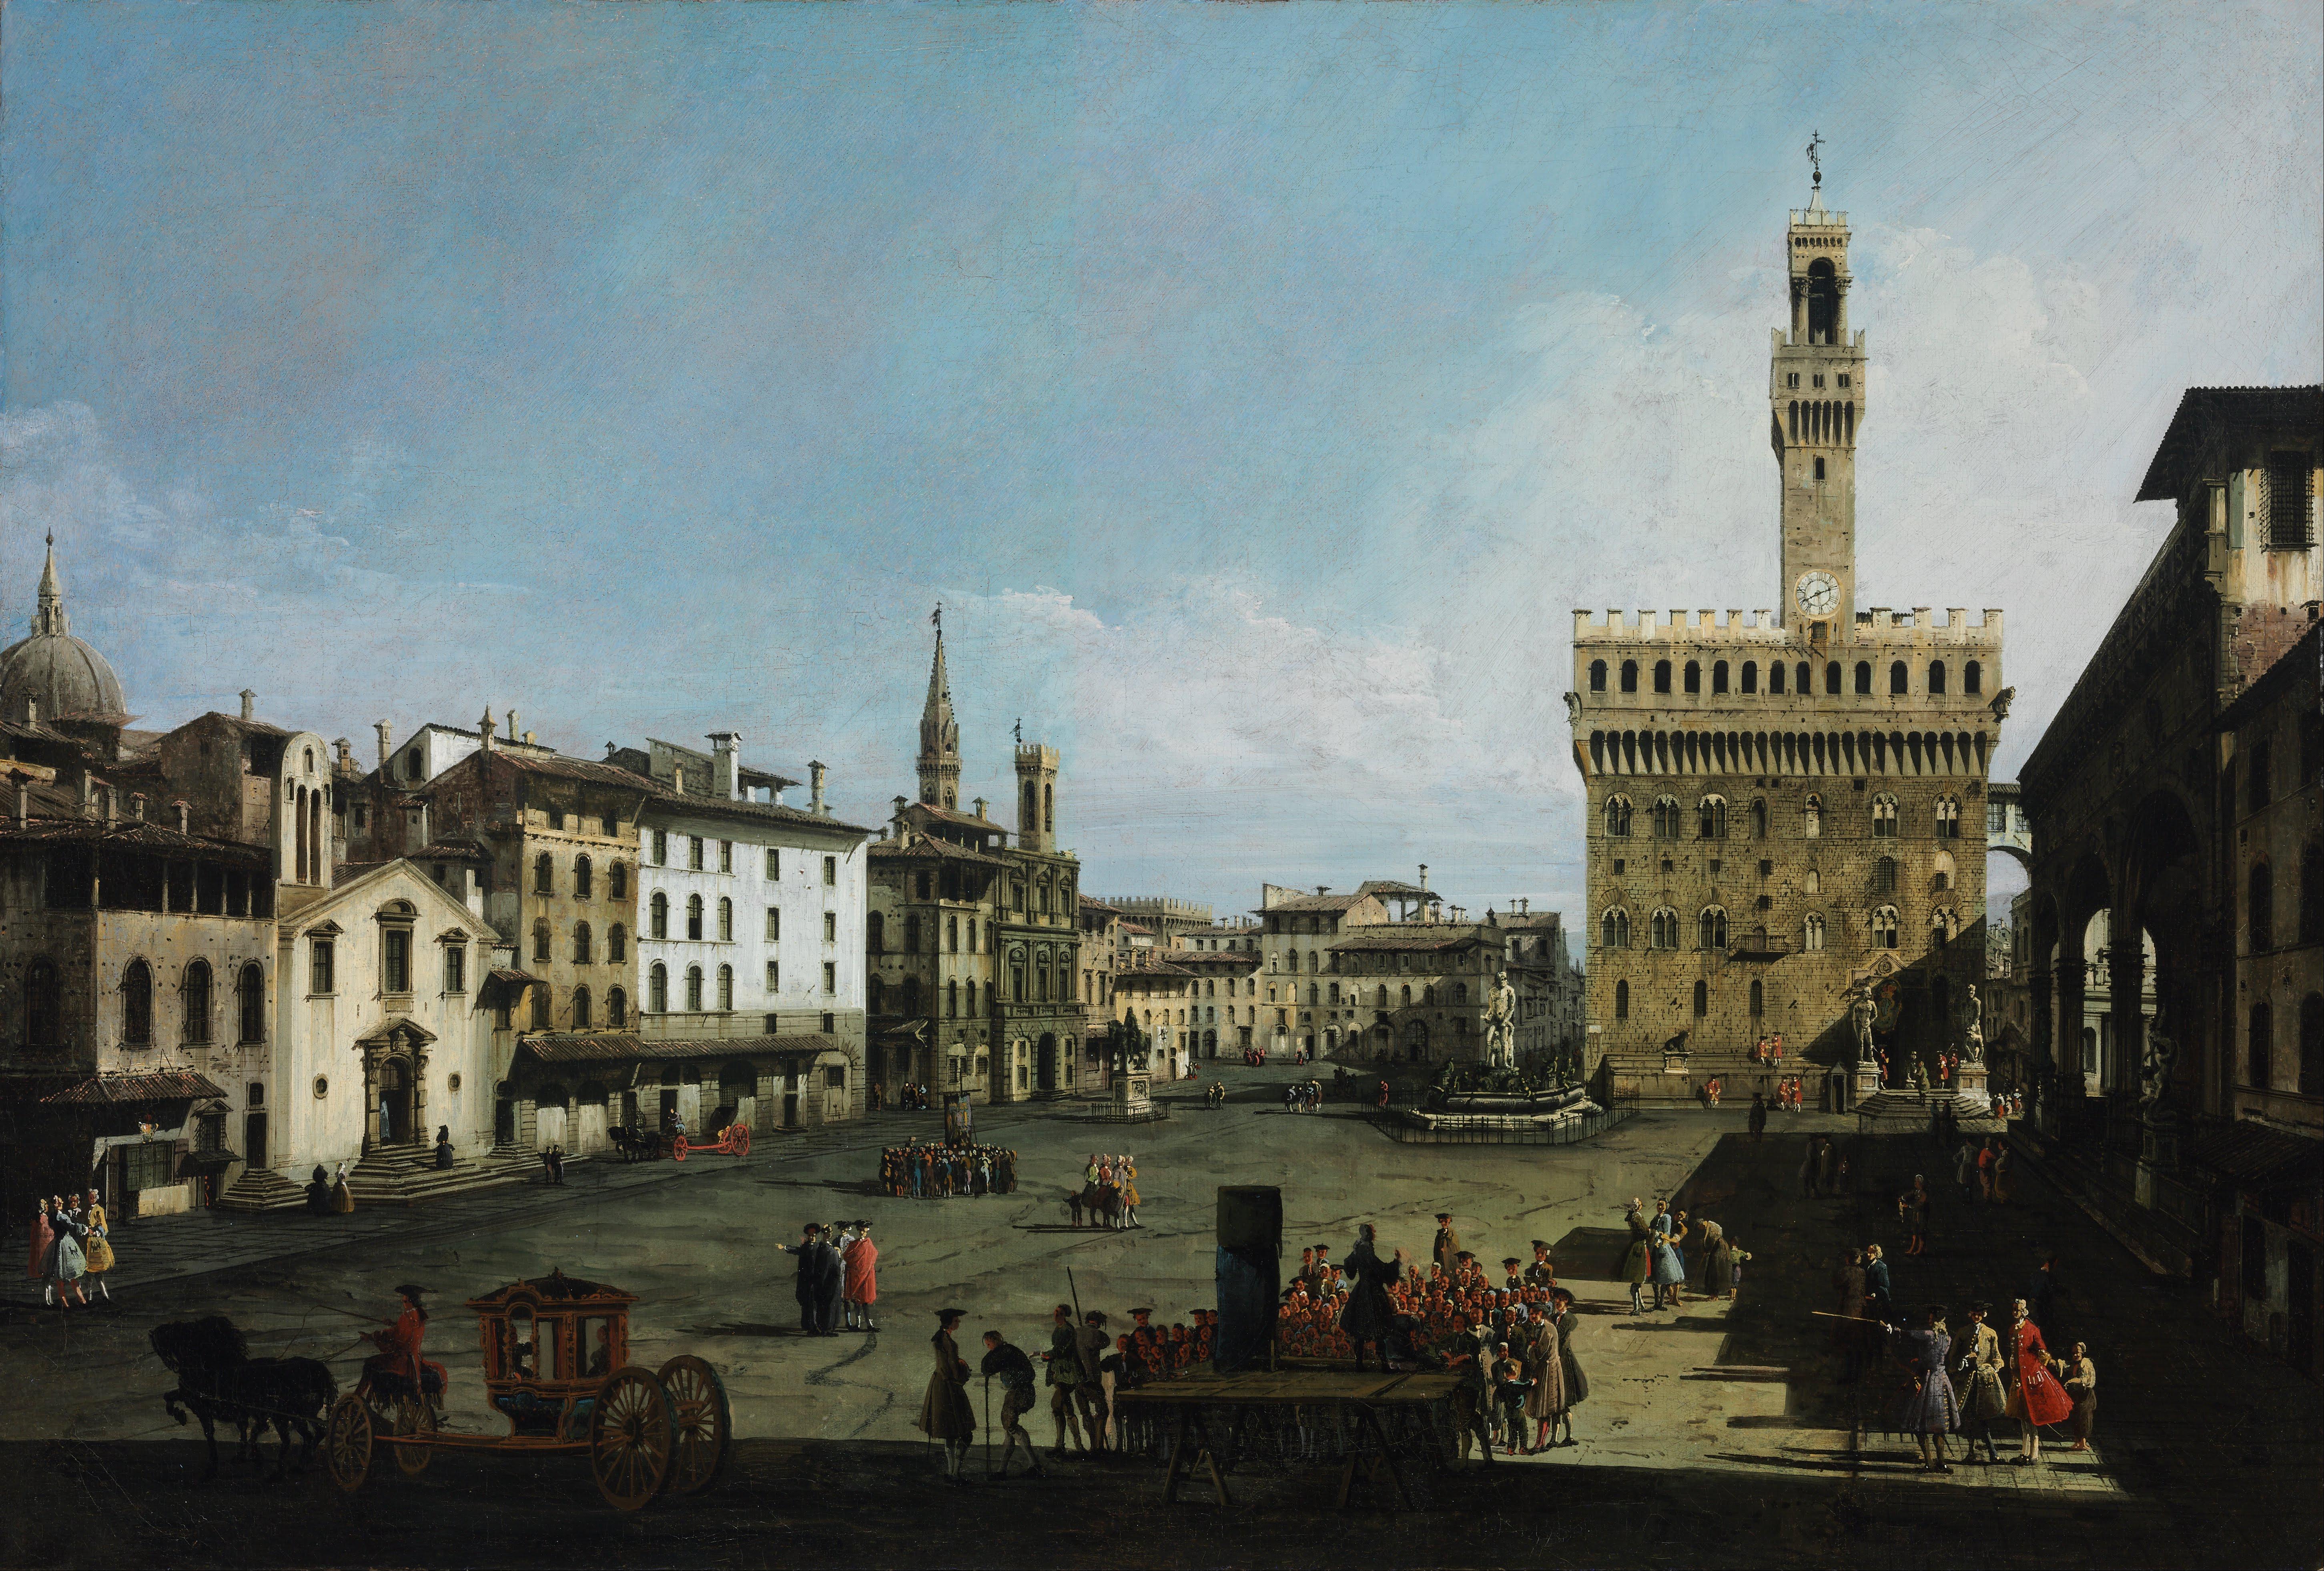 Archivo:Bernardo Bellotto - The Piazza della Signoria in Florence - Google  Art Project.